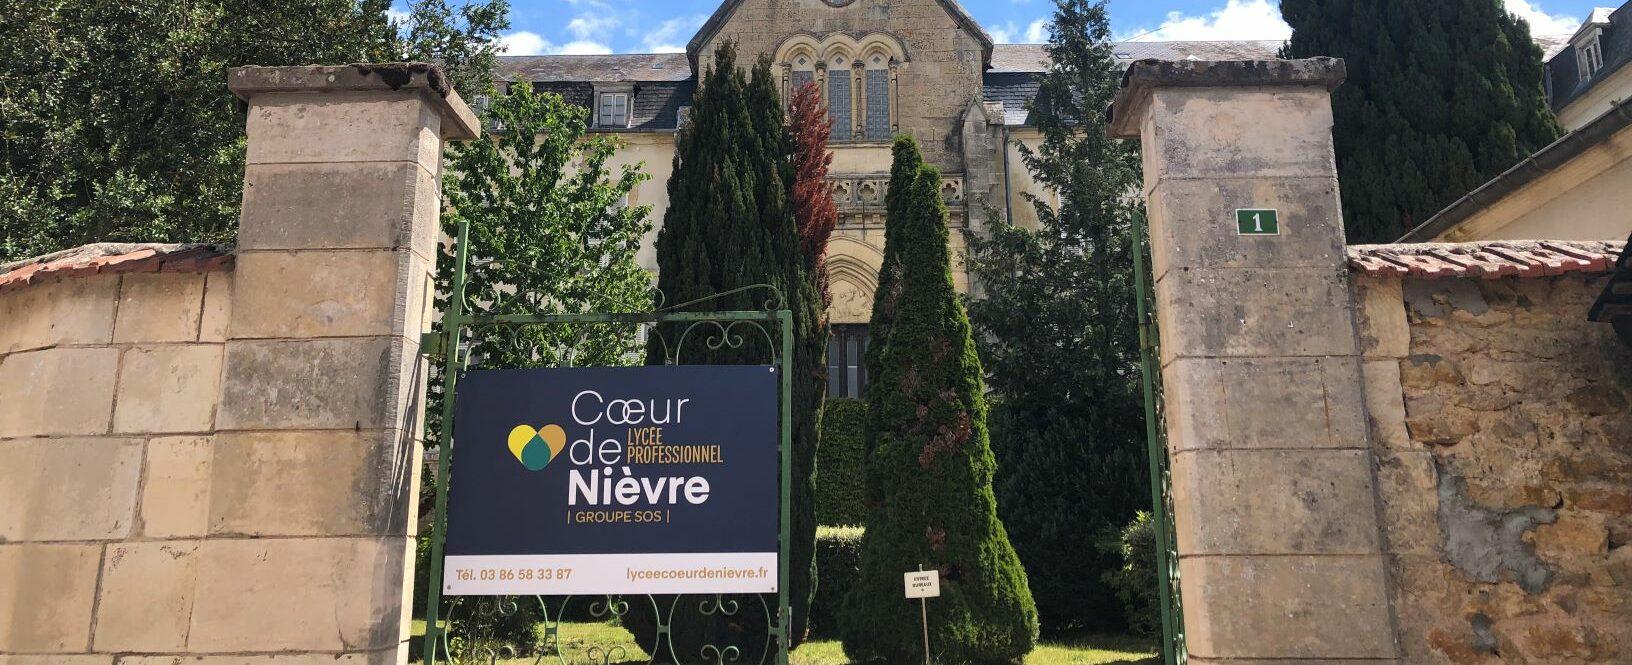 Entrée Lycée Coeur de Nièvre